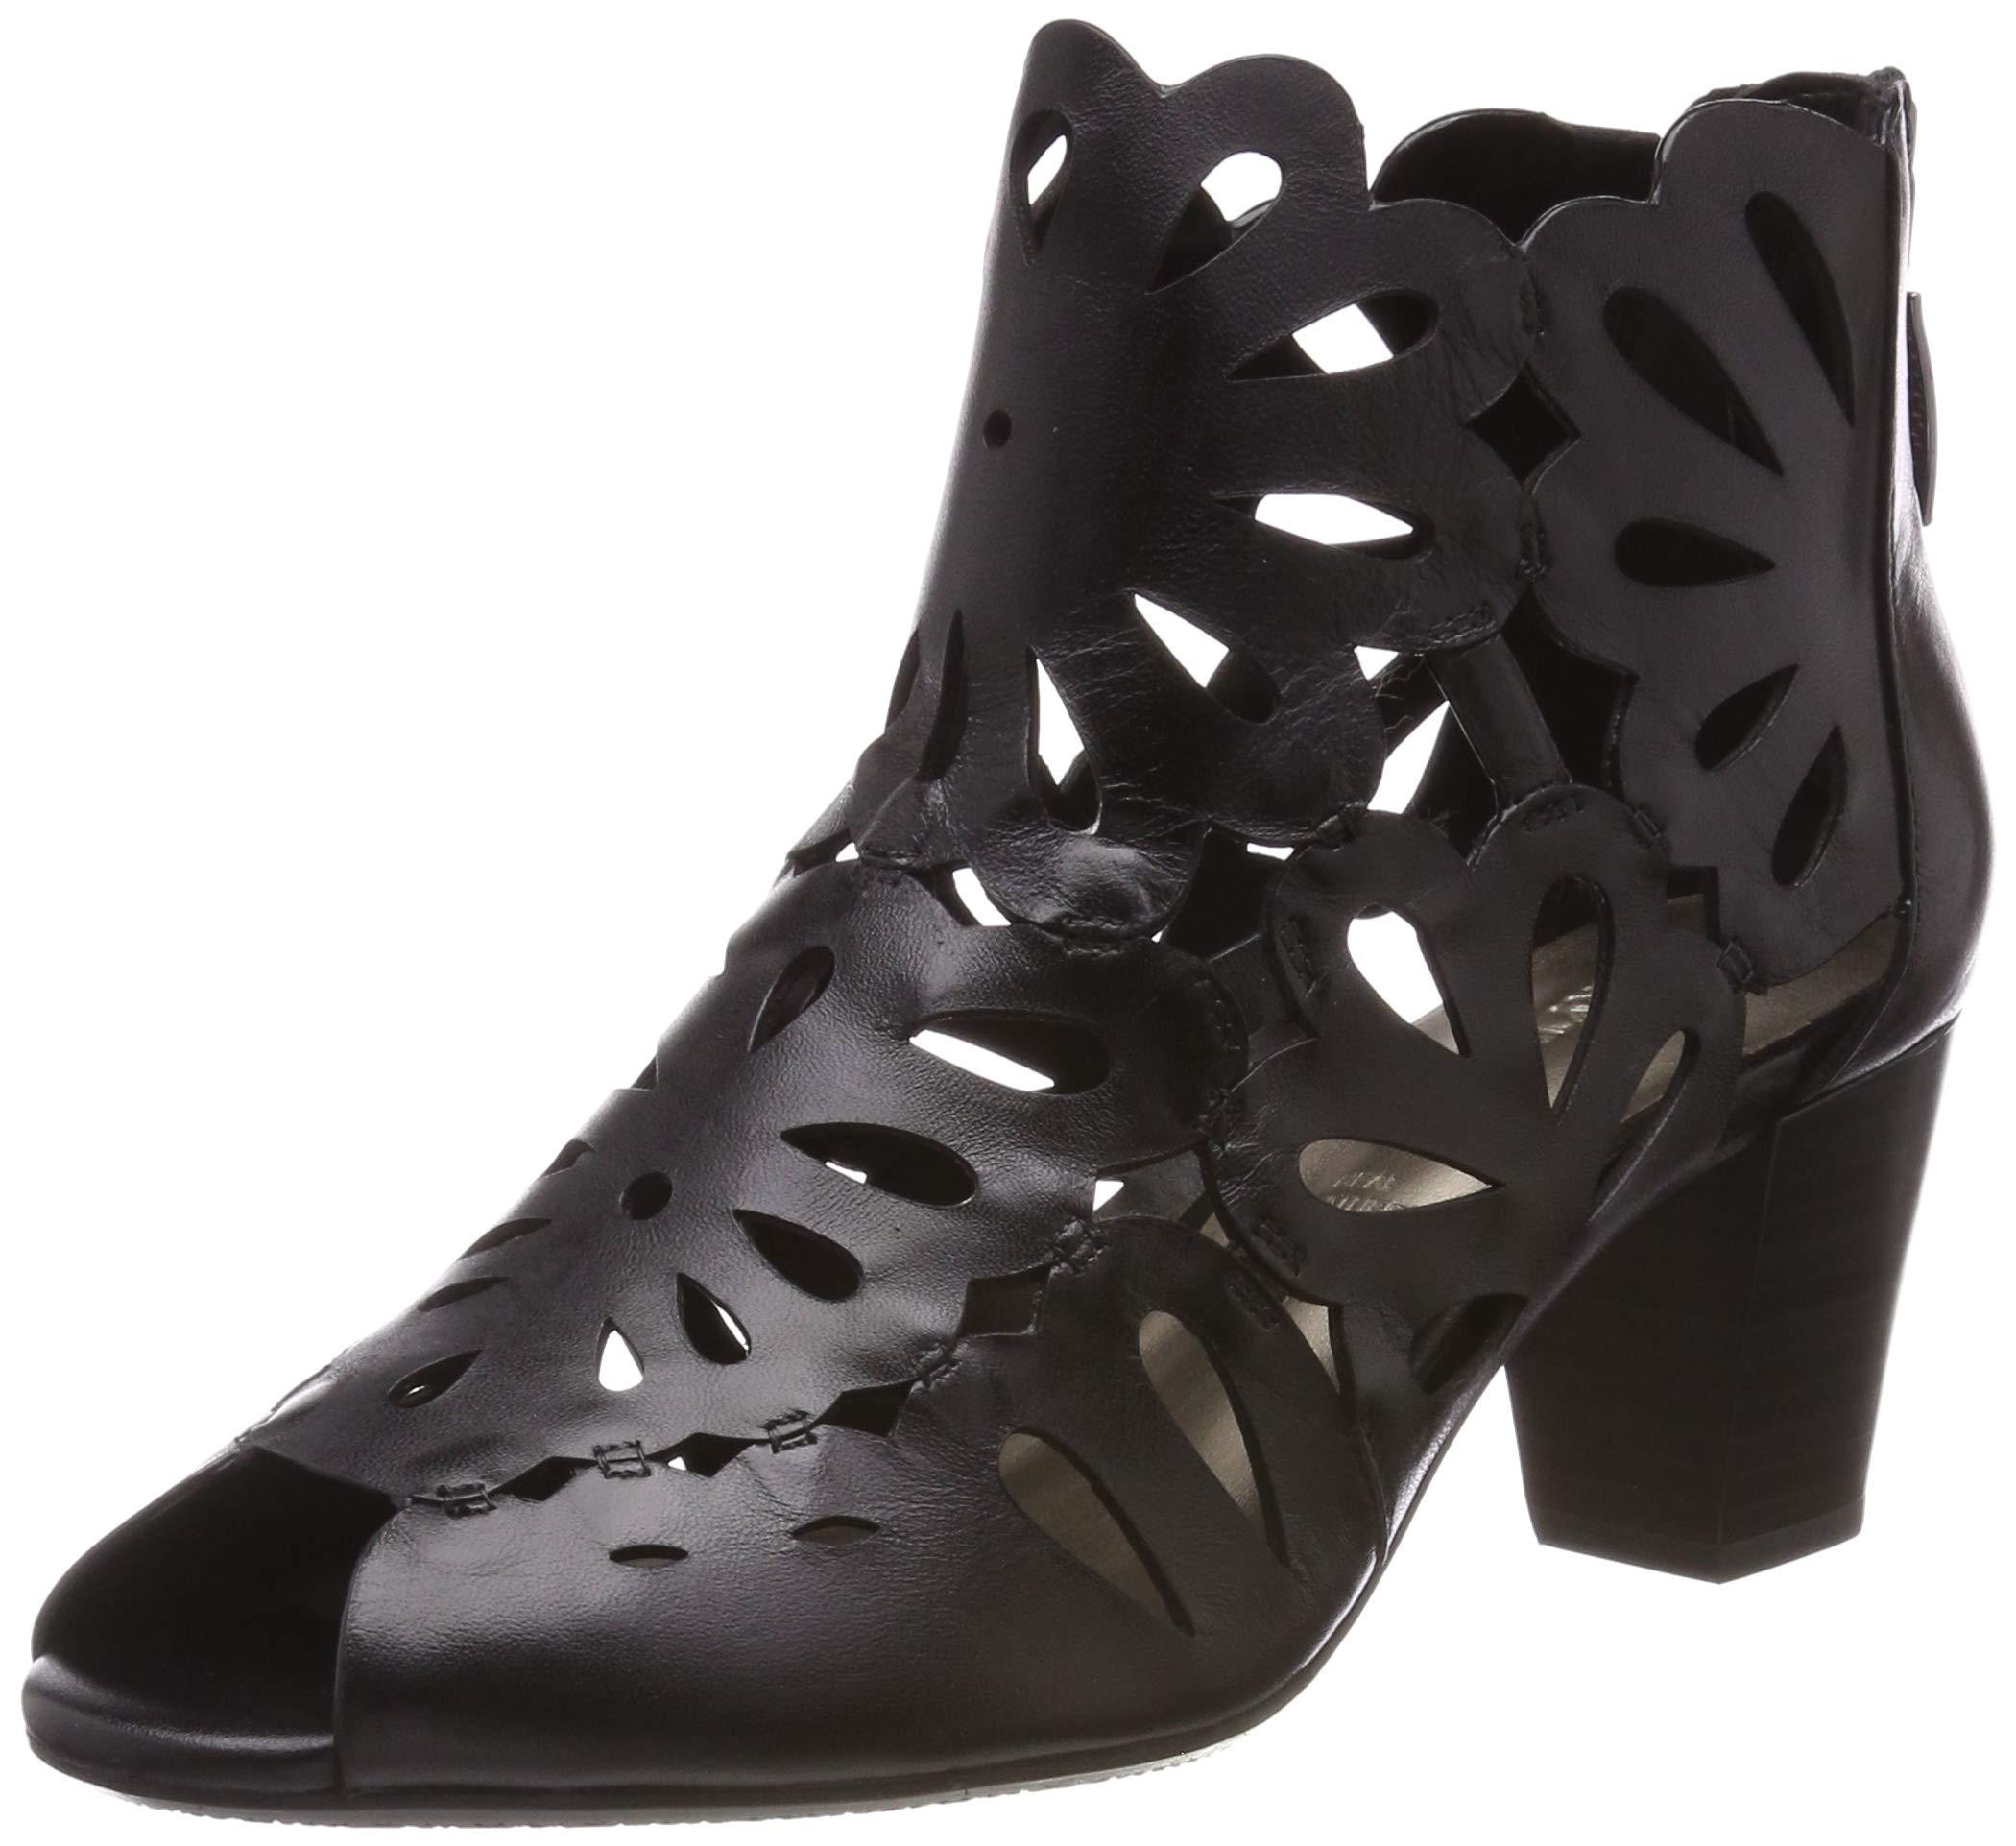 Weber Shoes Eu Gerry FemmeNoirschwarz 17Botines 10039 Lotta FKJlcT1